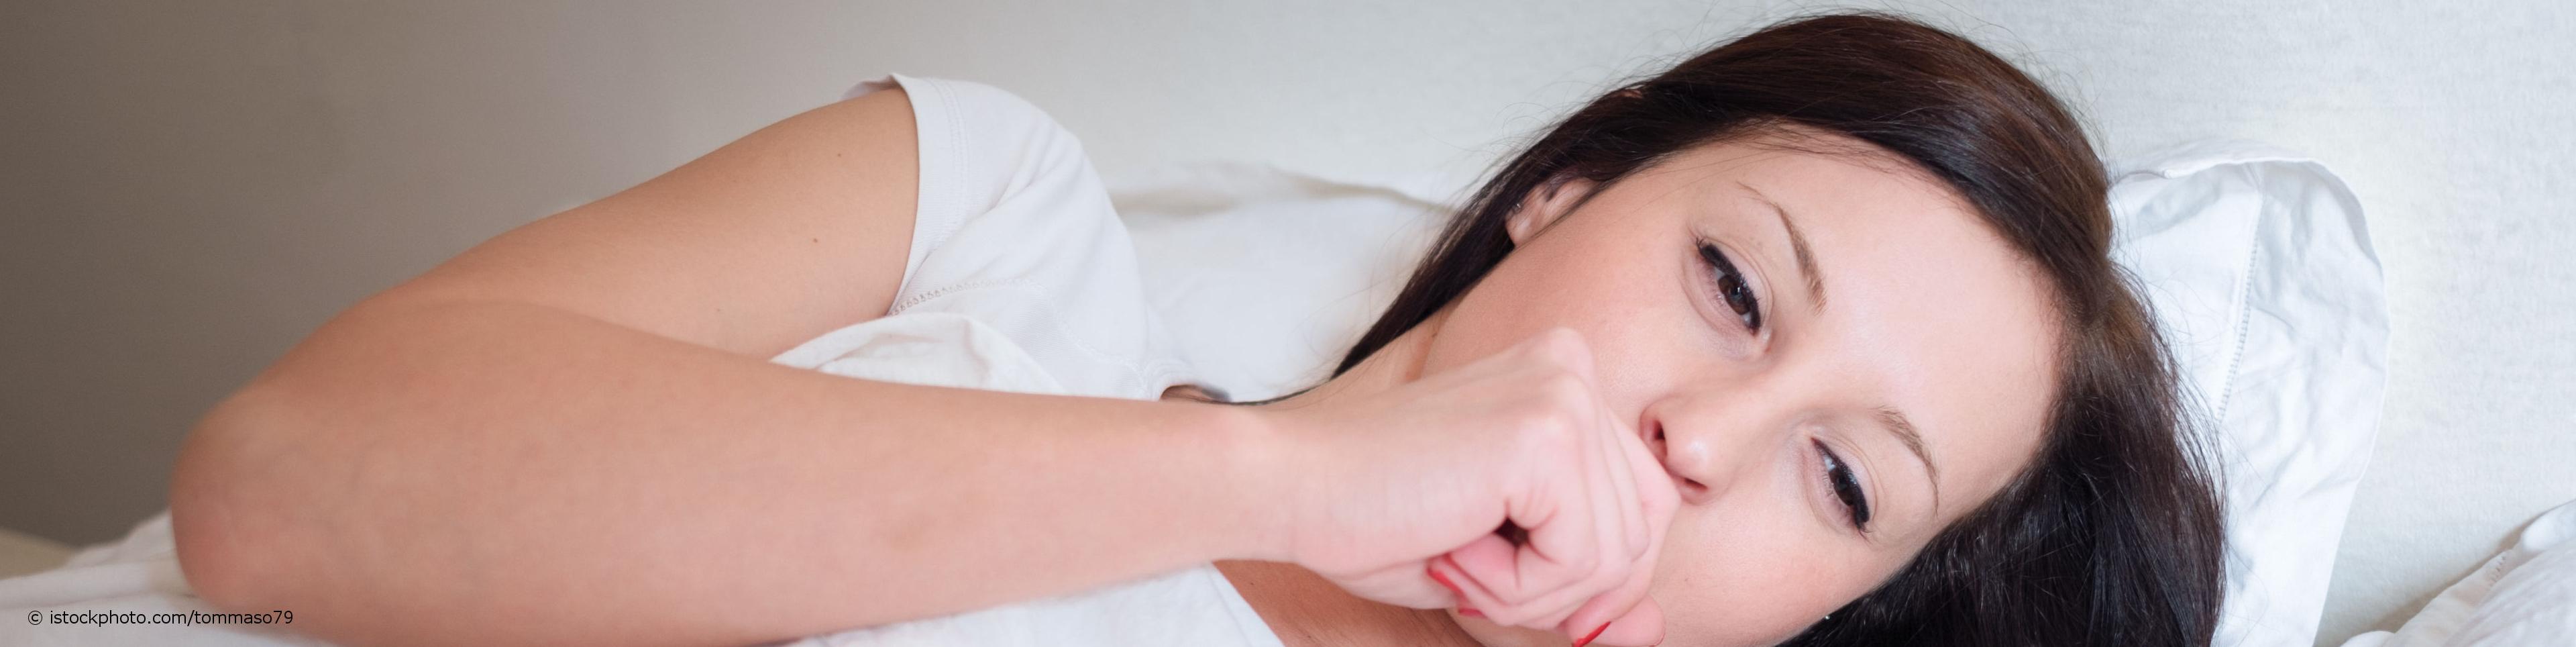 Frau mit Bronchitis liegt mit Fieber im Bett und hat einen Hustenanfall.